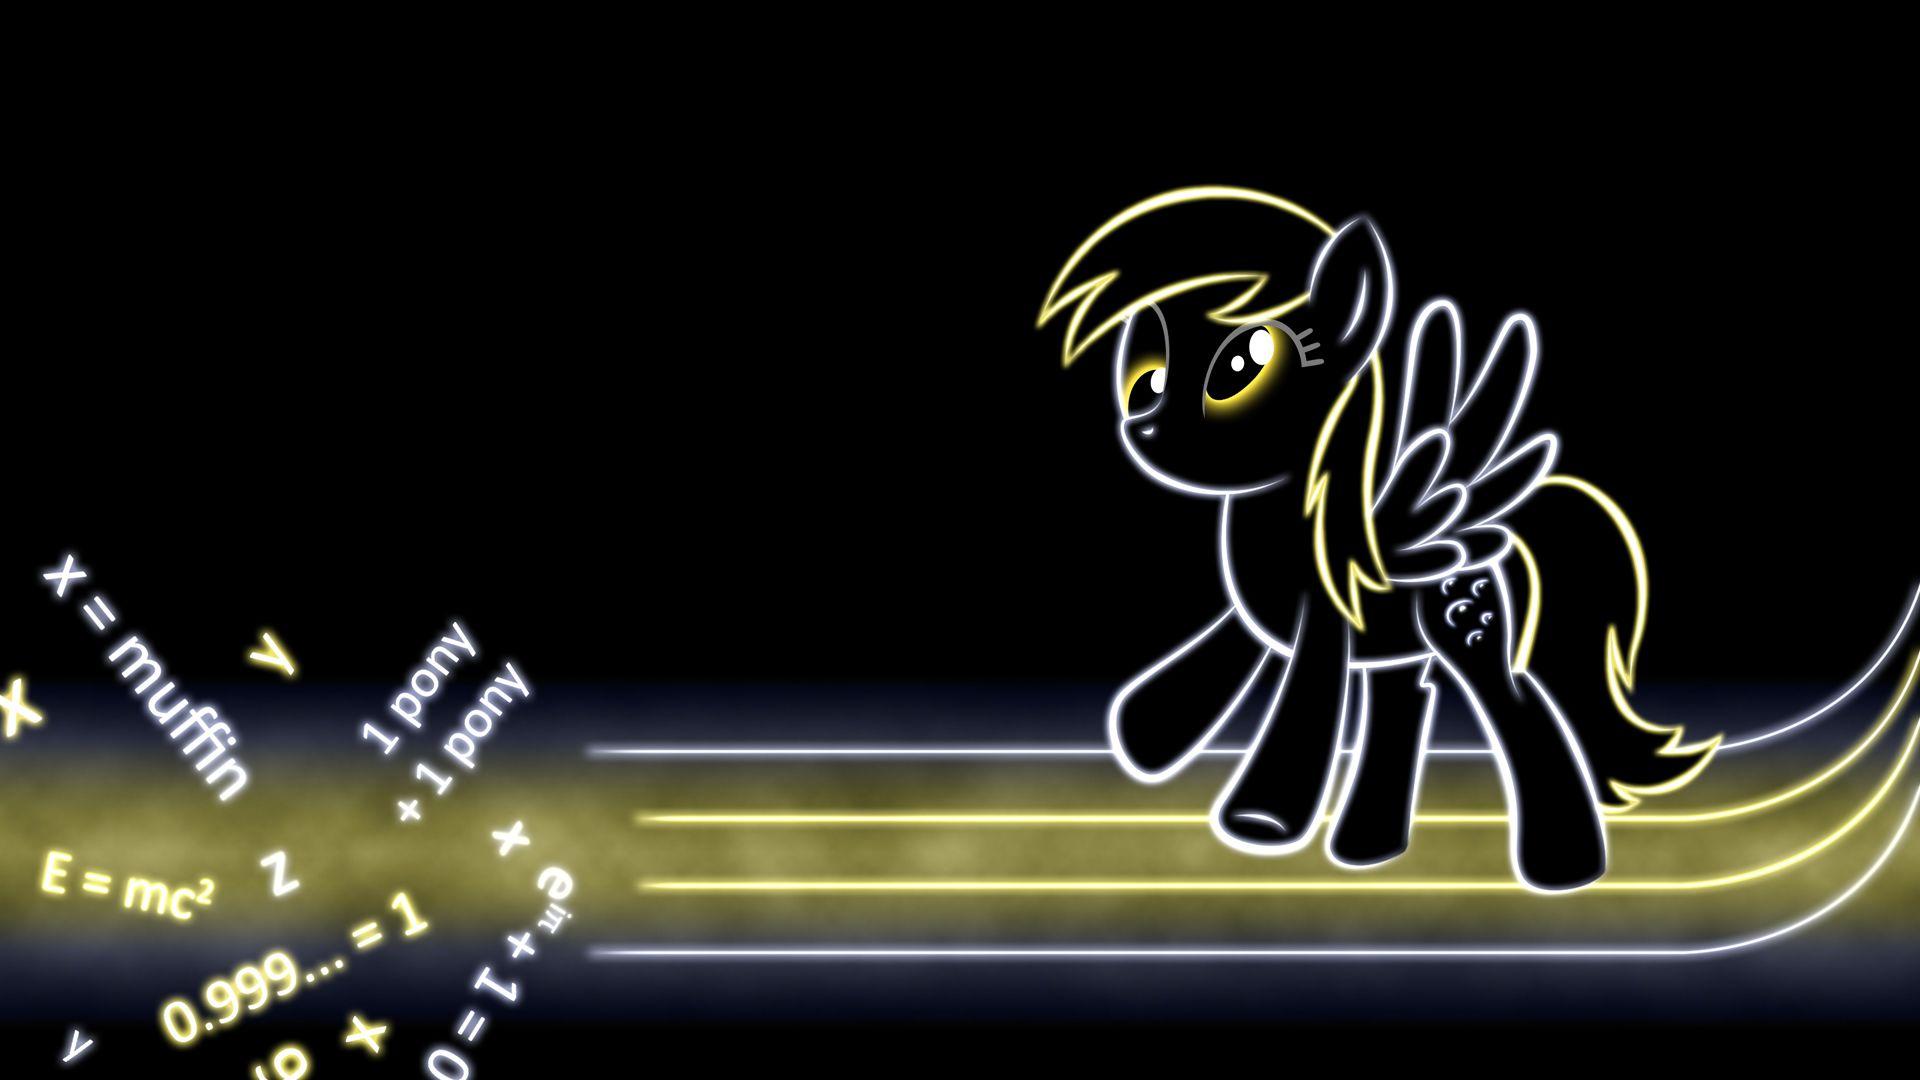 Derpy Hooves Glow Wallpaper My Little Pony Friendship My